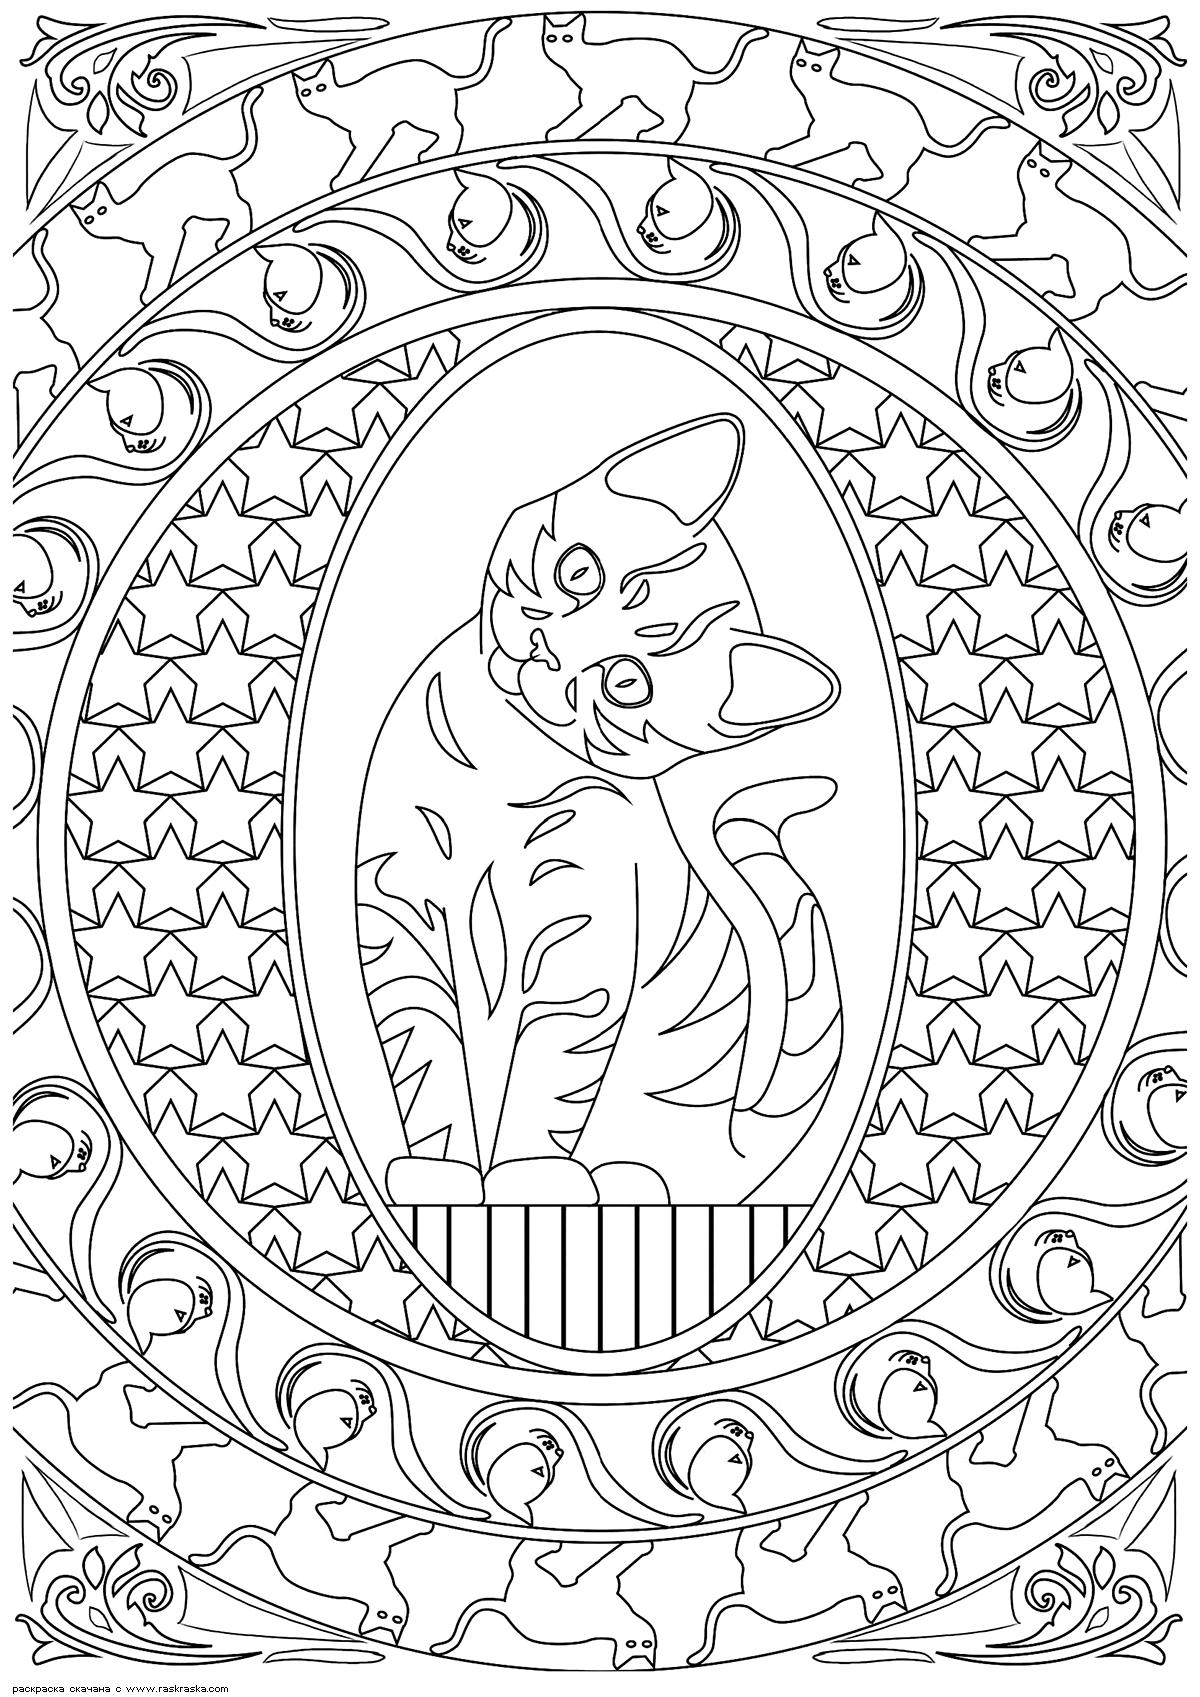 Раскраска Котенок | Раскраски антистресс Кошки. Сложные ...